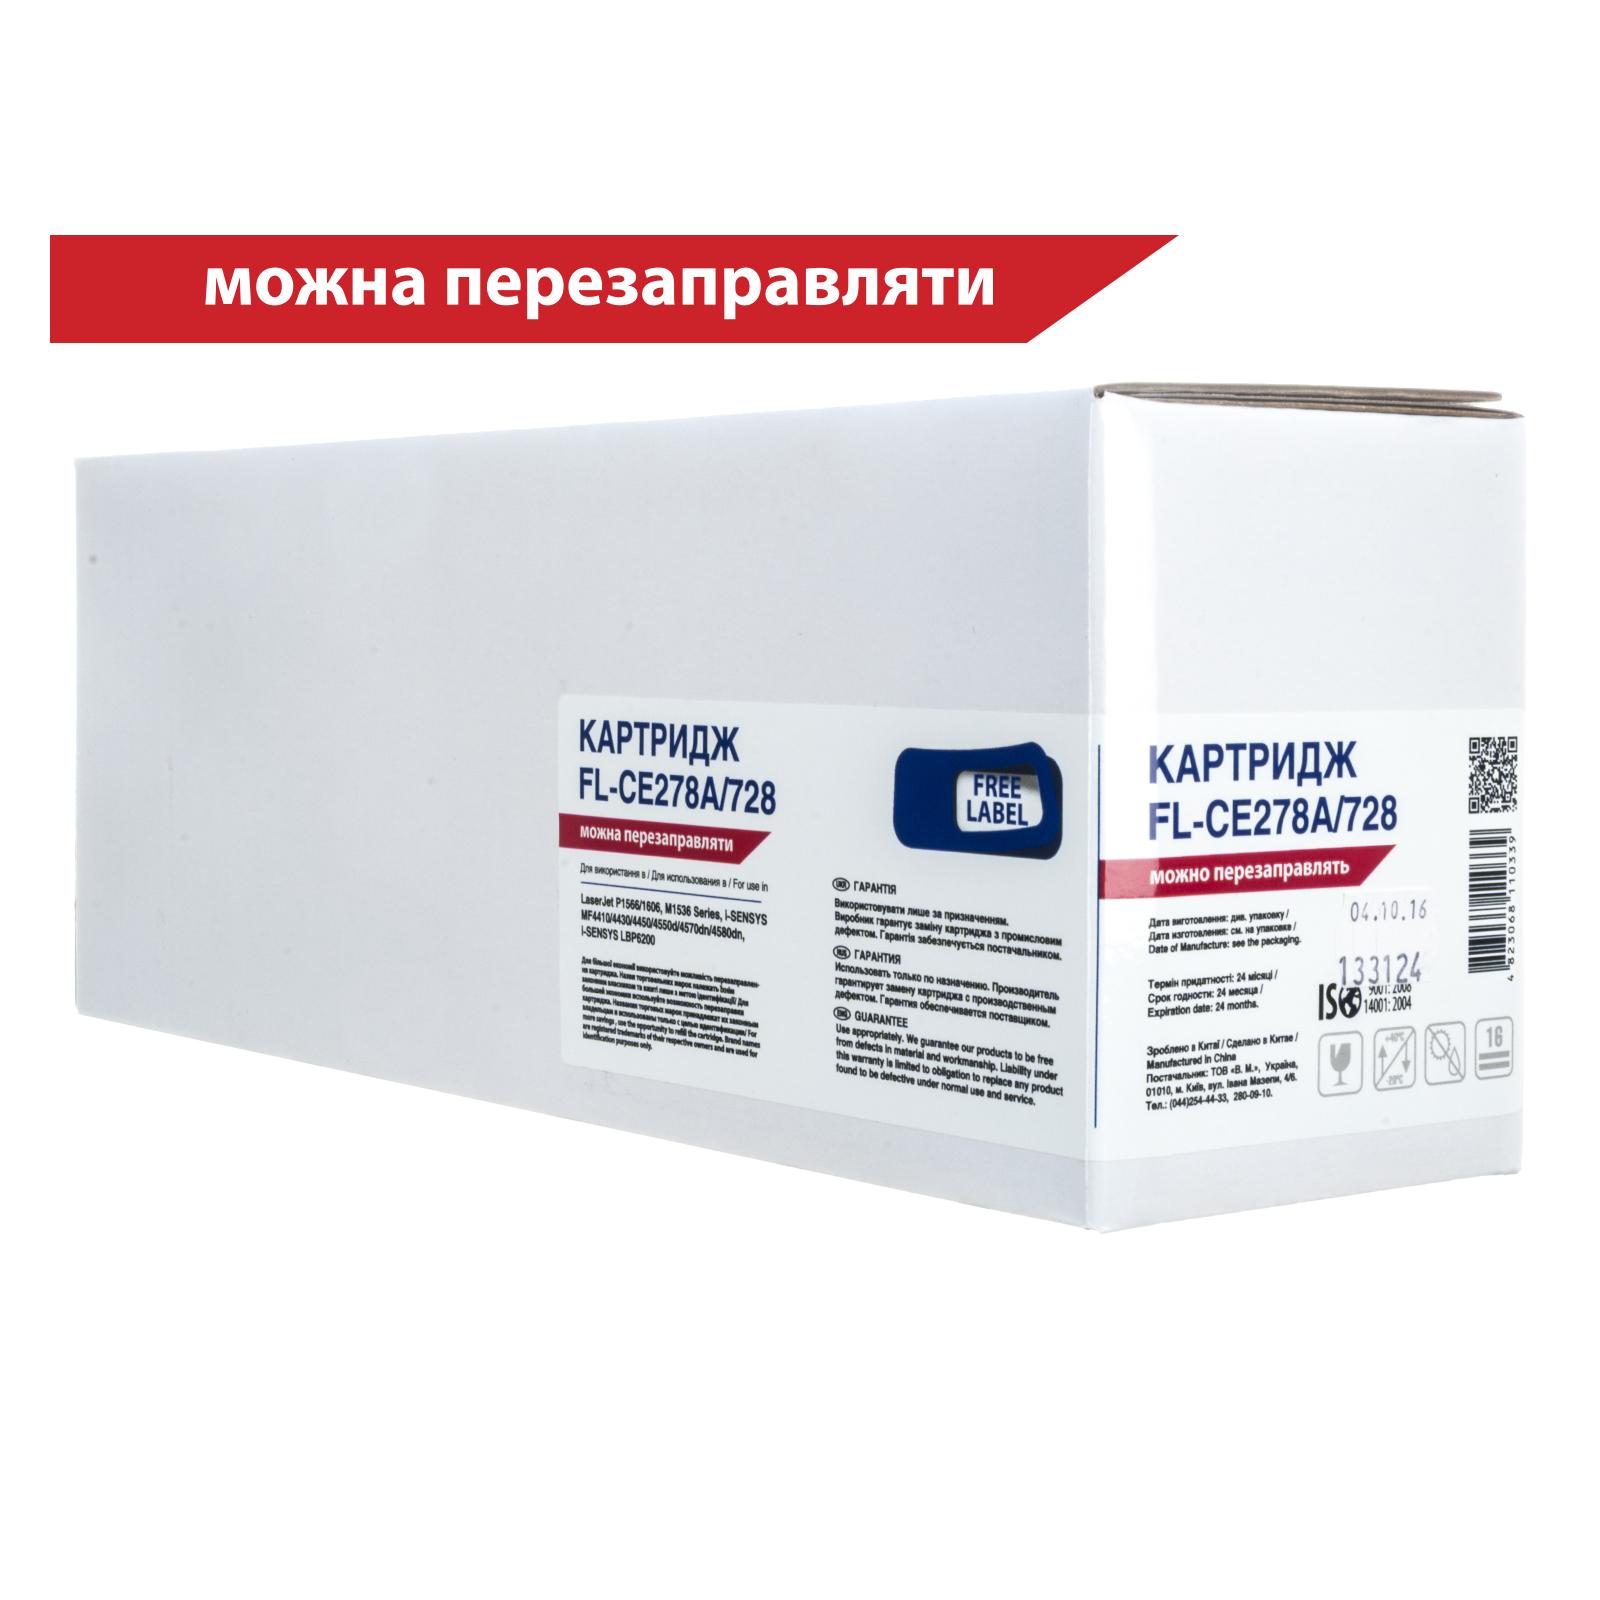 Картридж FREE Label HP LJ CE278A/CANON 728 (FL-CE278A/728)